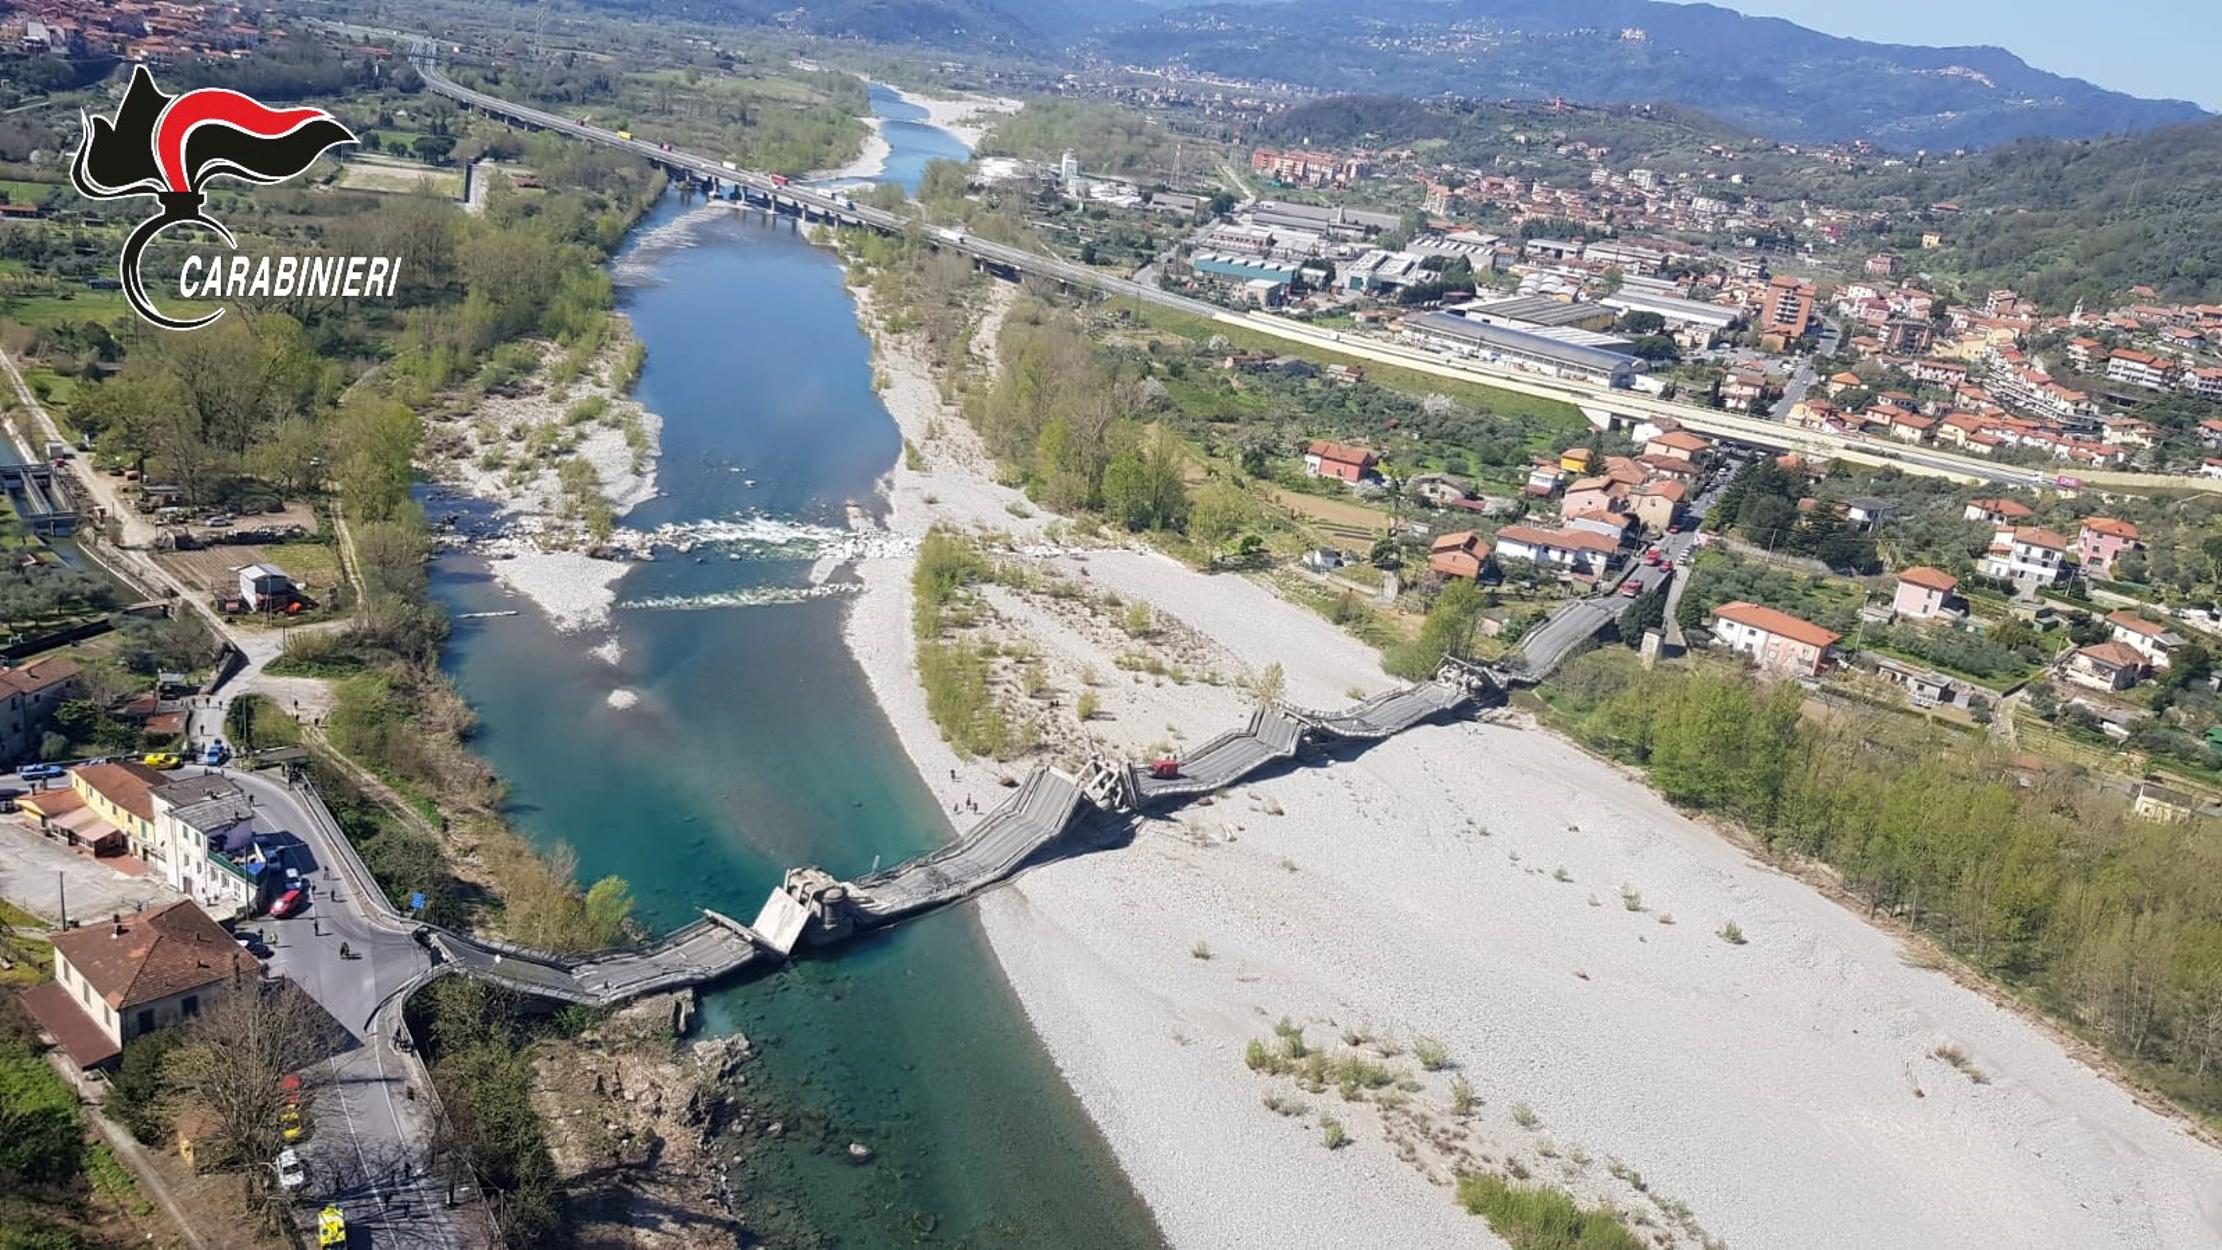 Ιταλία: Κατέρρευσε τεράστια γέφυρα! Ευτυχώς… υπάρχει απαγόρευση κυκλοφορίας (pics, video)